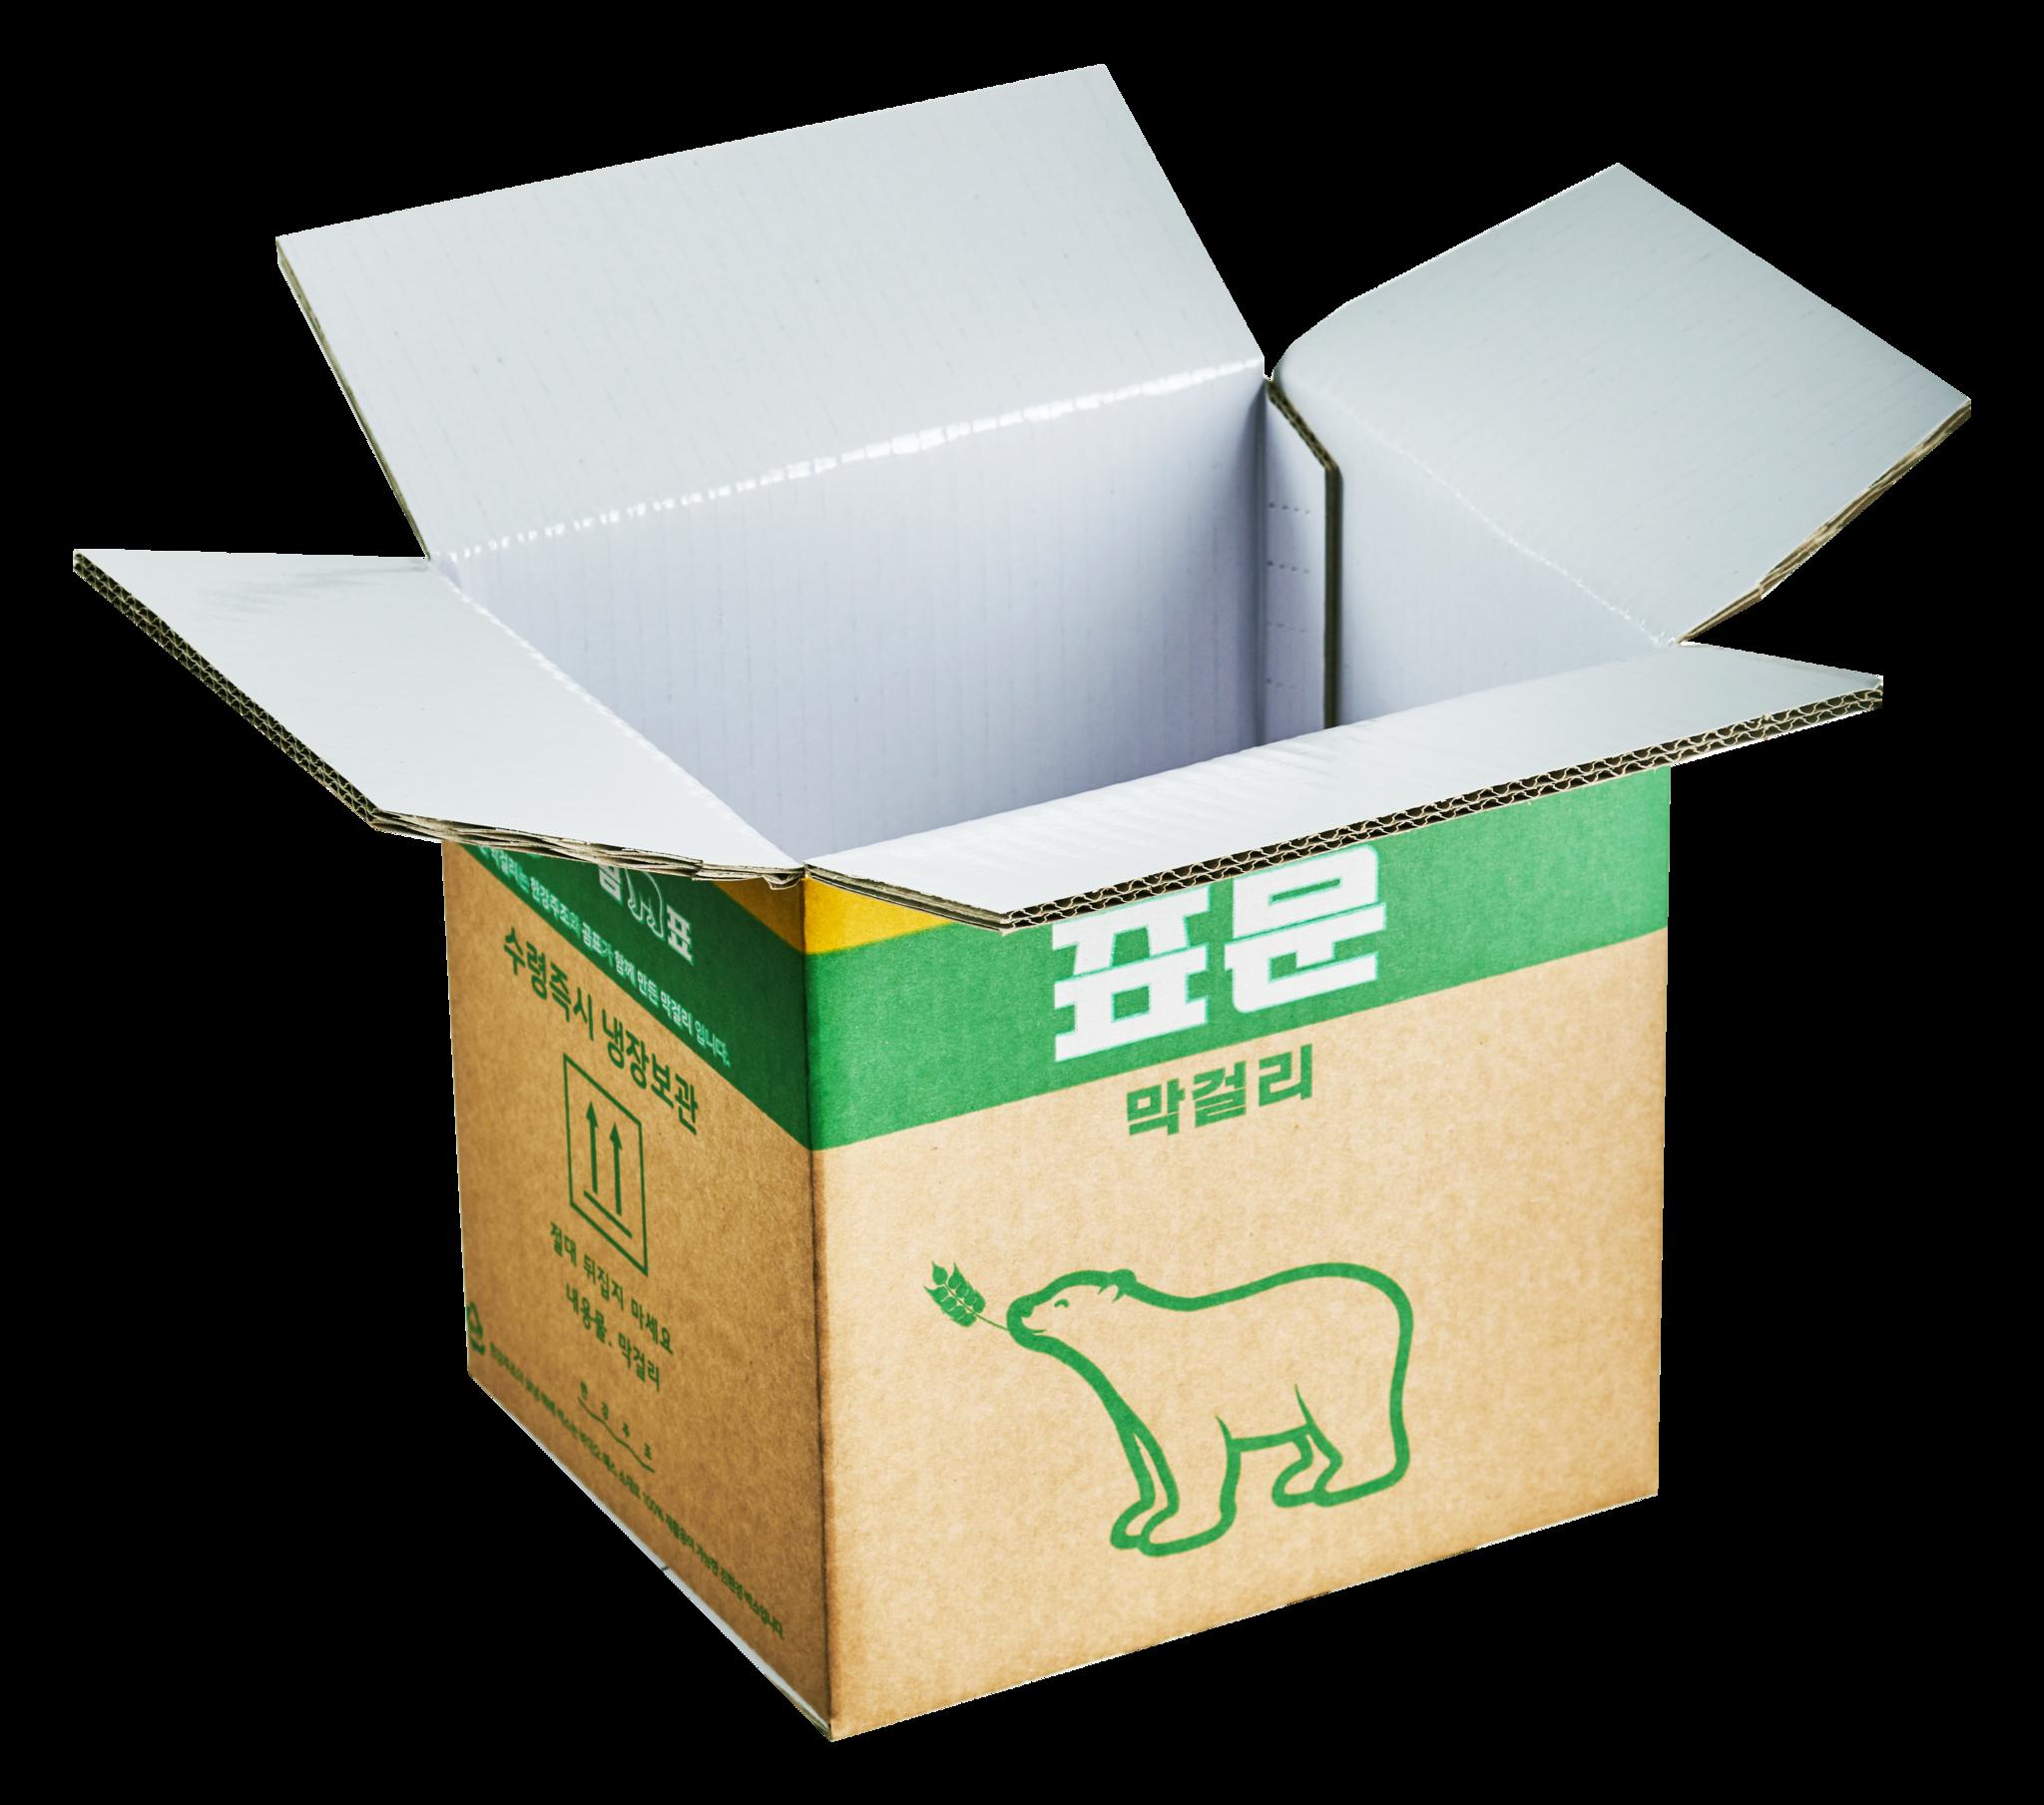 한강주조 표문막걸리는 재활용이 가능한 바이오매스 포장재로 만든 친환경 보냉박스를 사용한다. 한강주조